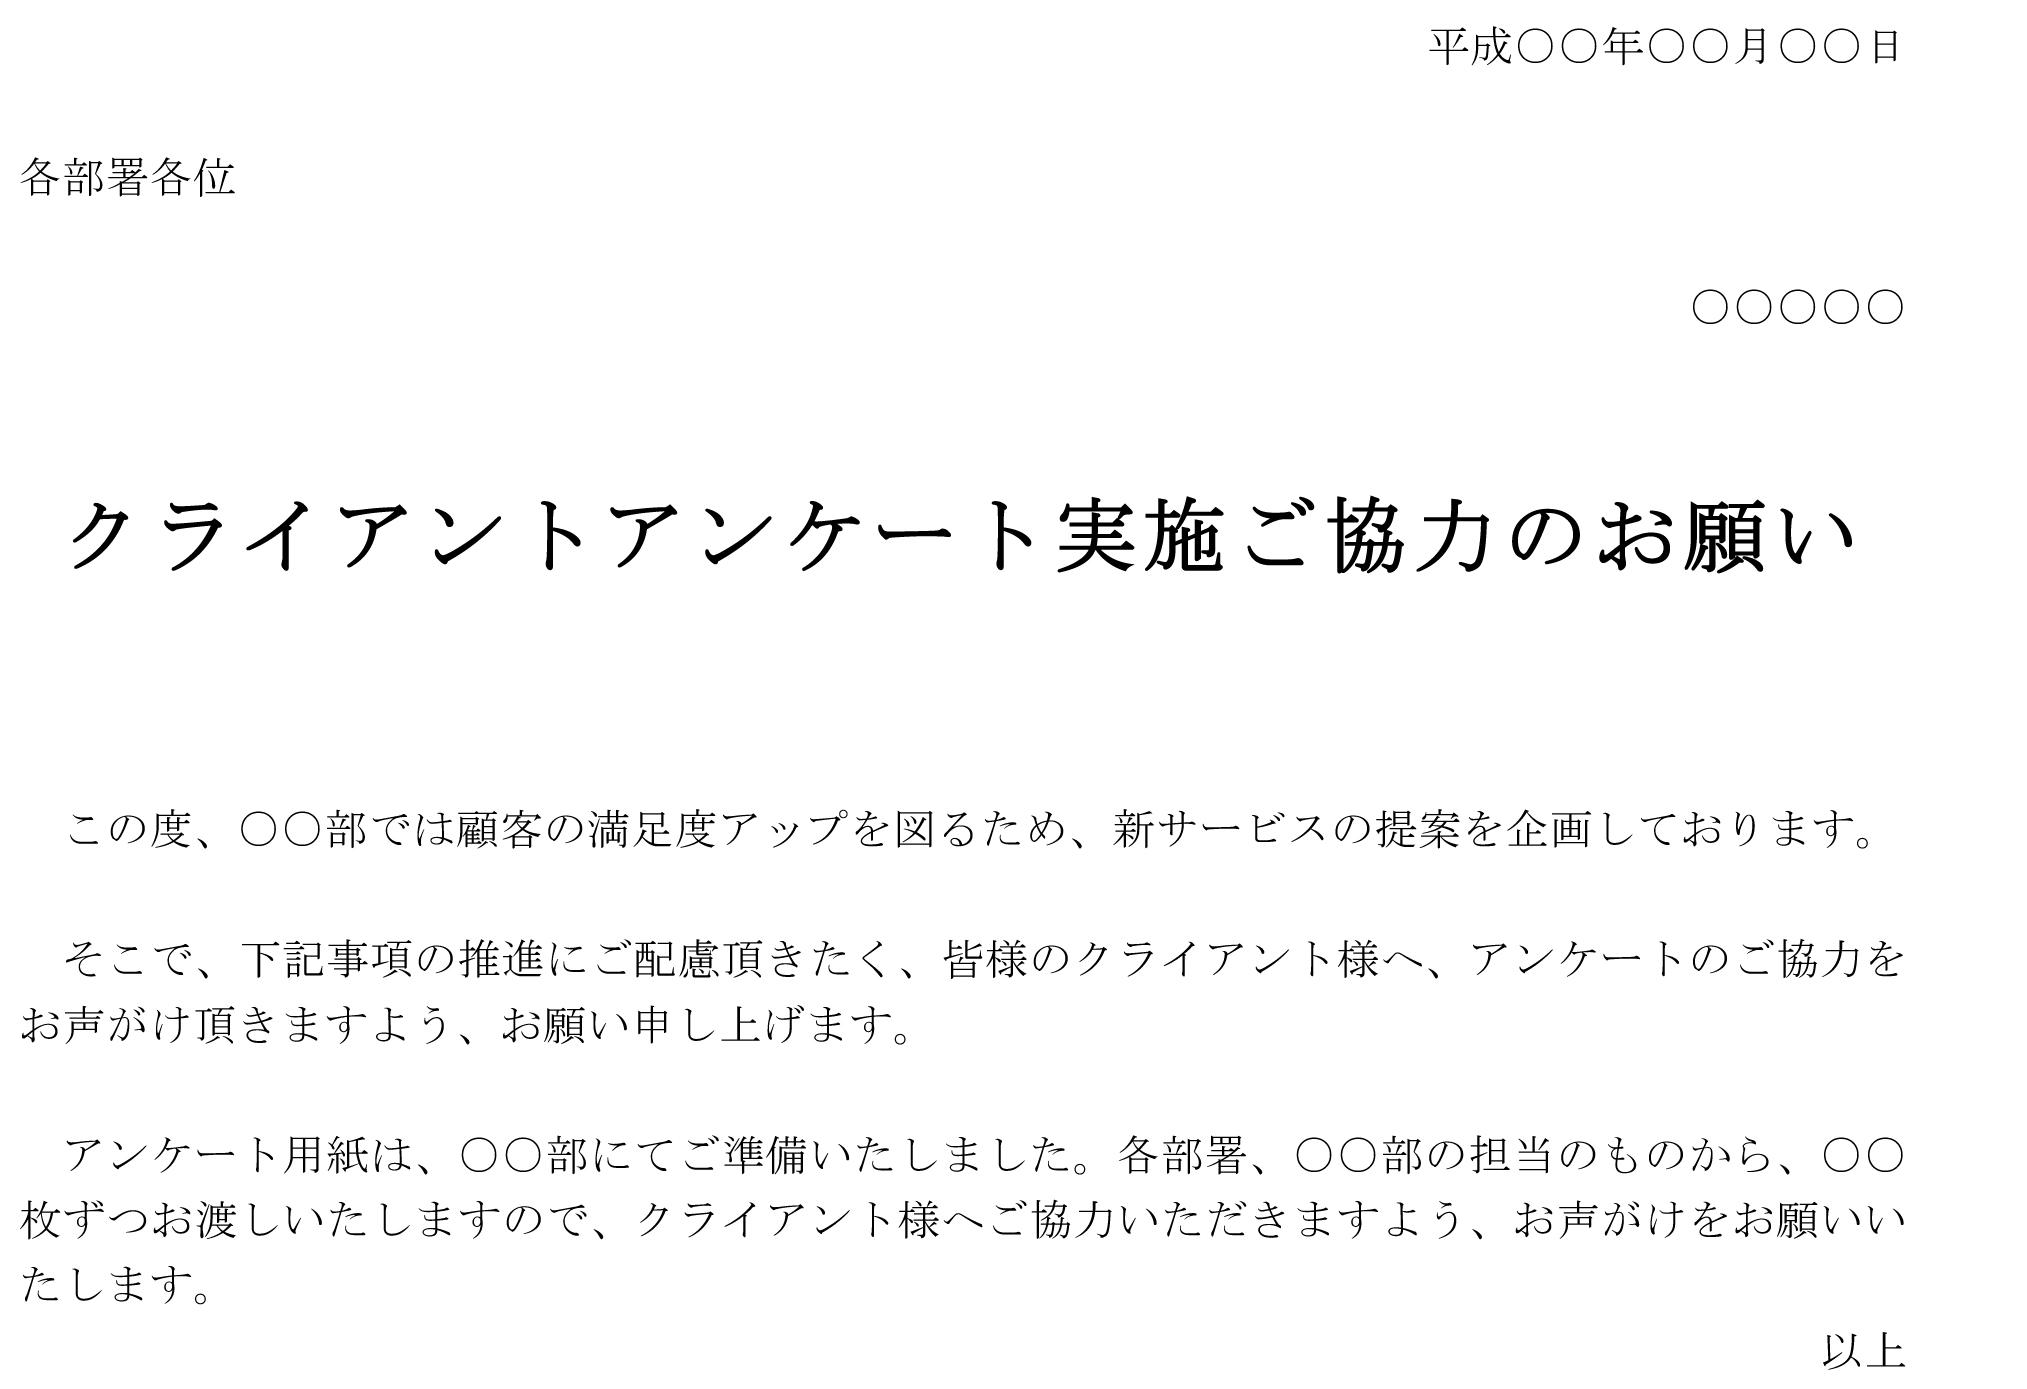 依頼状(アンケート協力)01